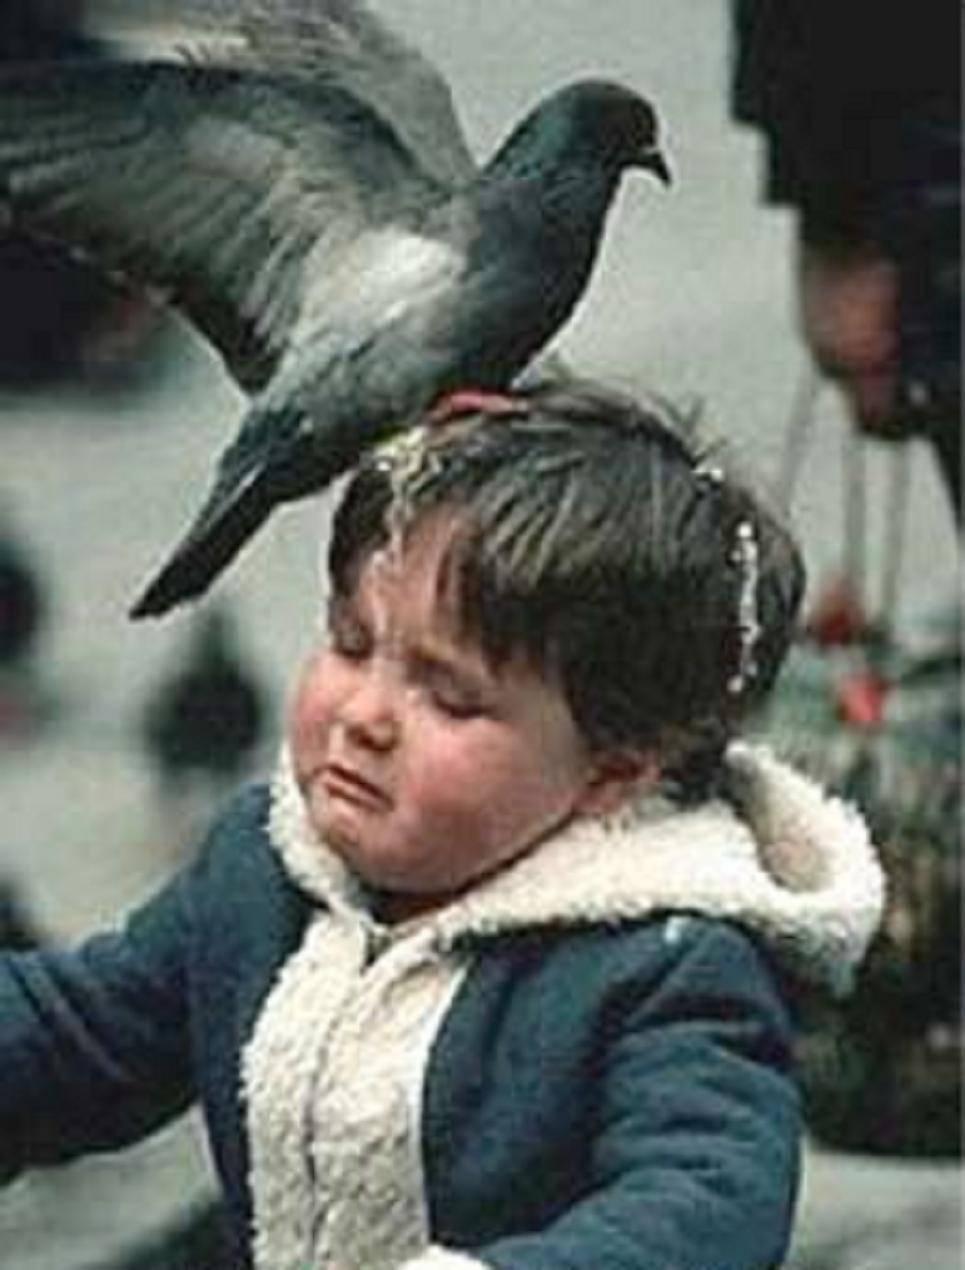 Примета если птица накакала на голову, машину, окно | бытовая магия | яндекс дзен